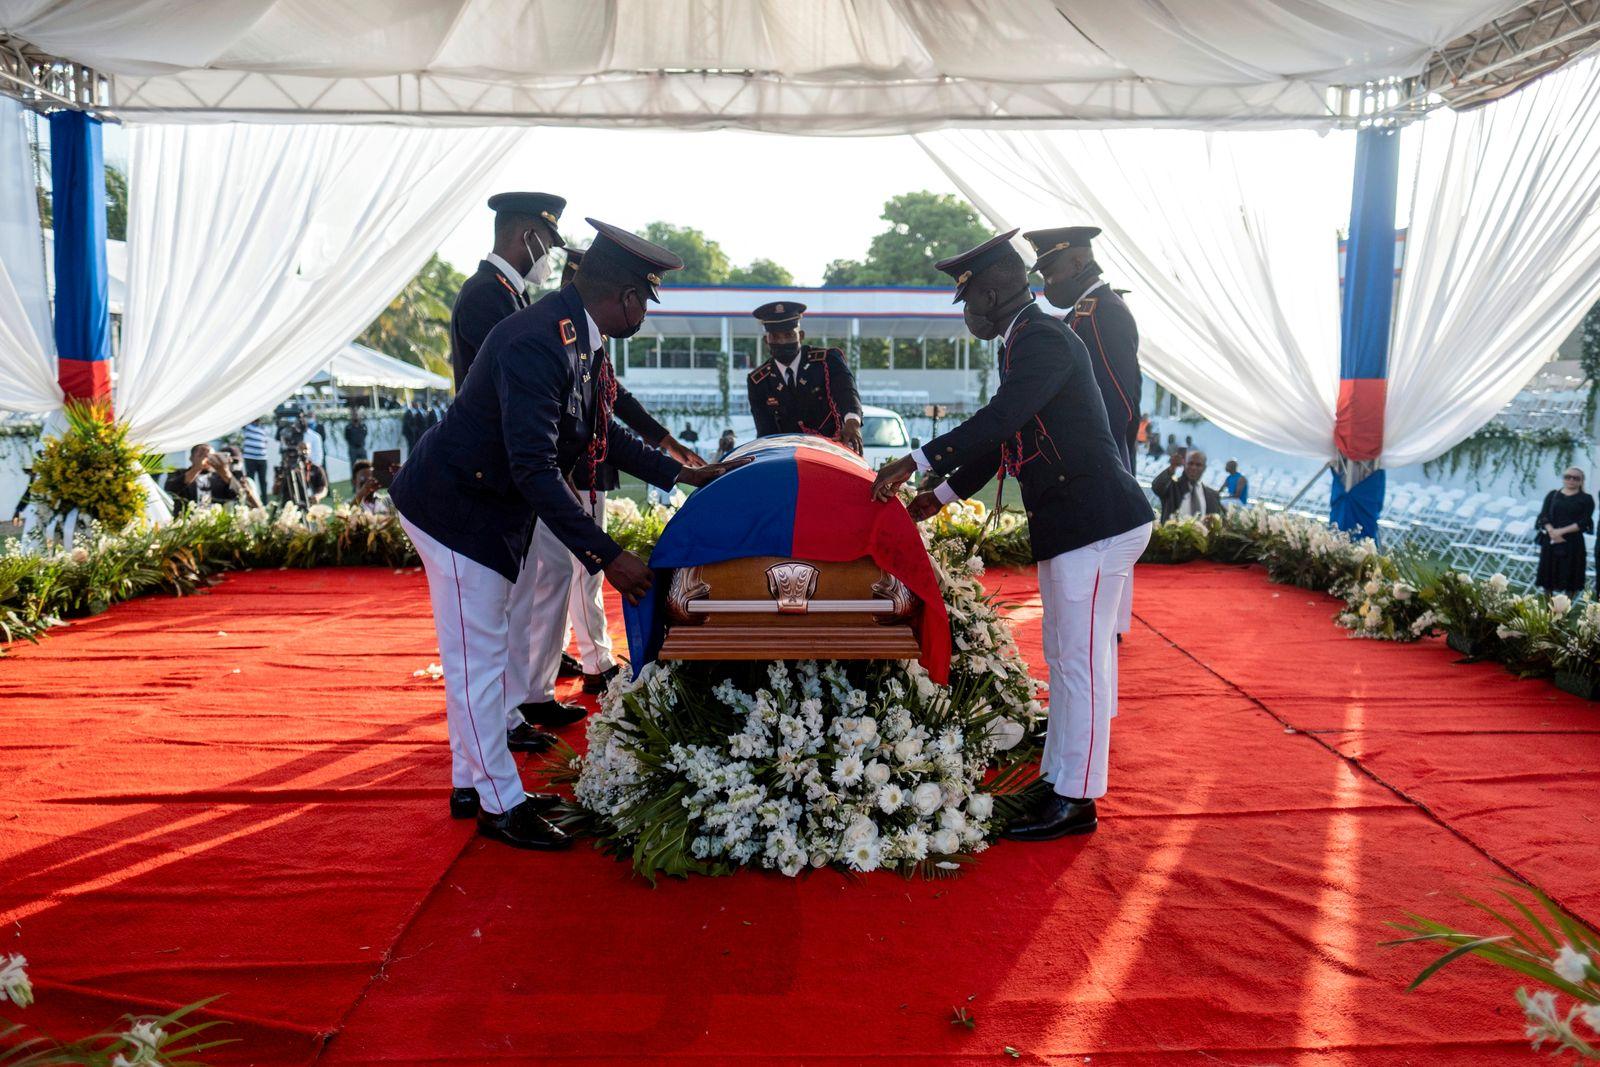 FILE PHOTO: Haiti holds funeral for assassinated President Jovenel Moise in Cap-Haitien